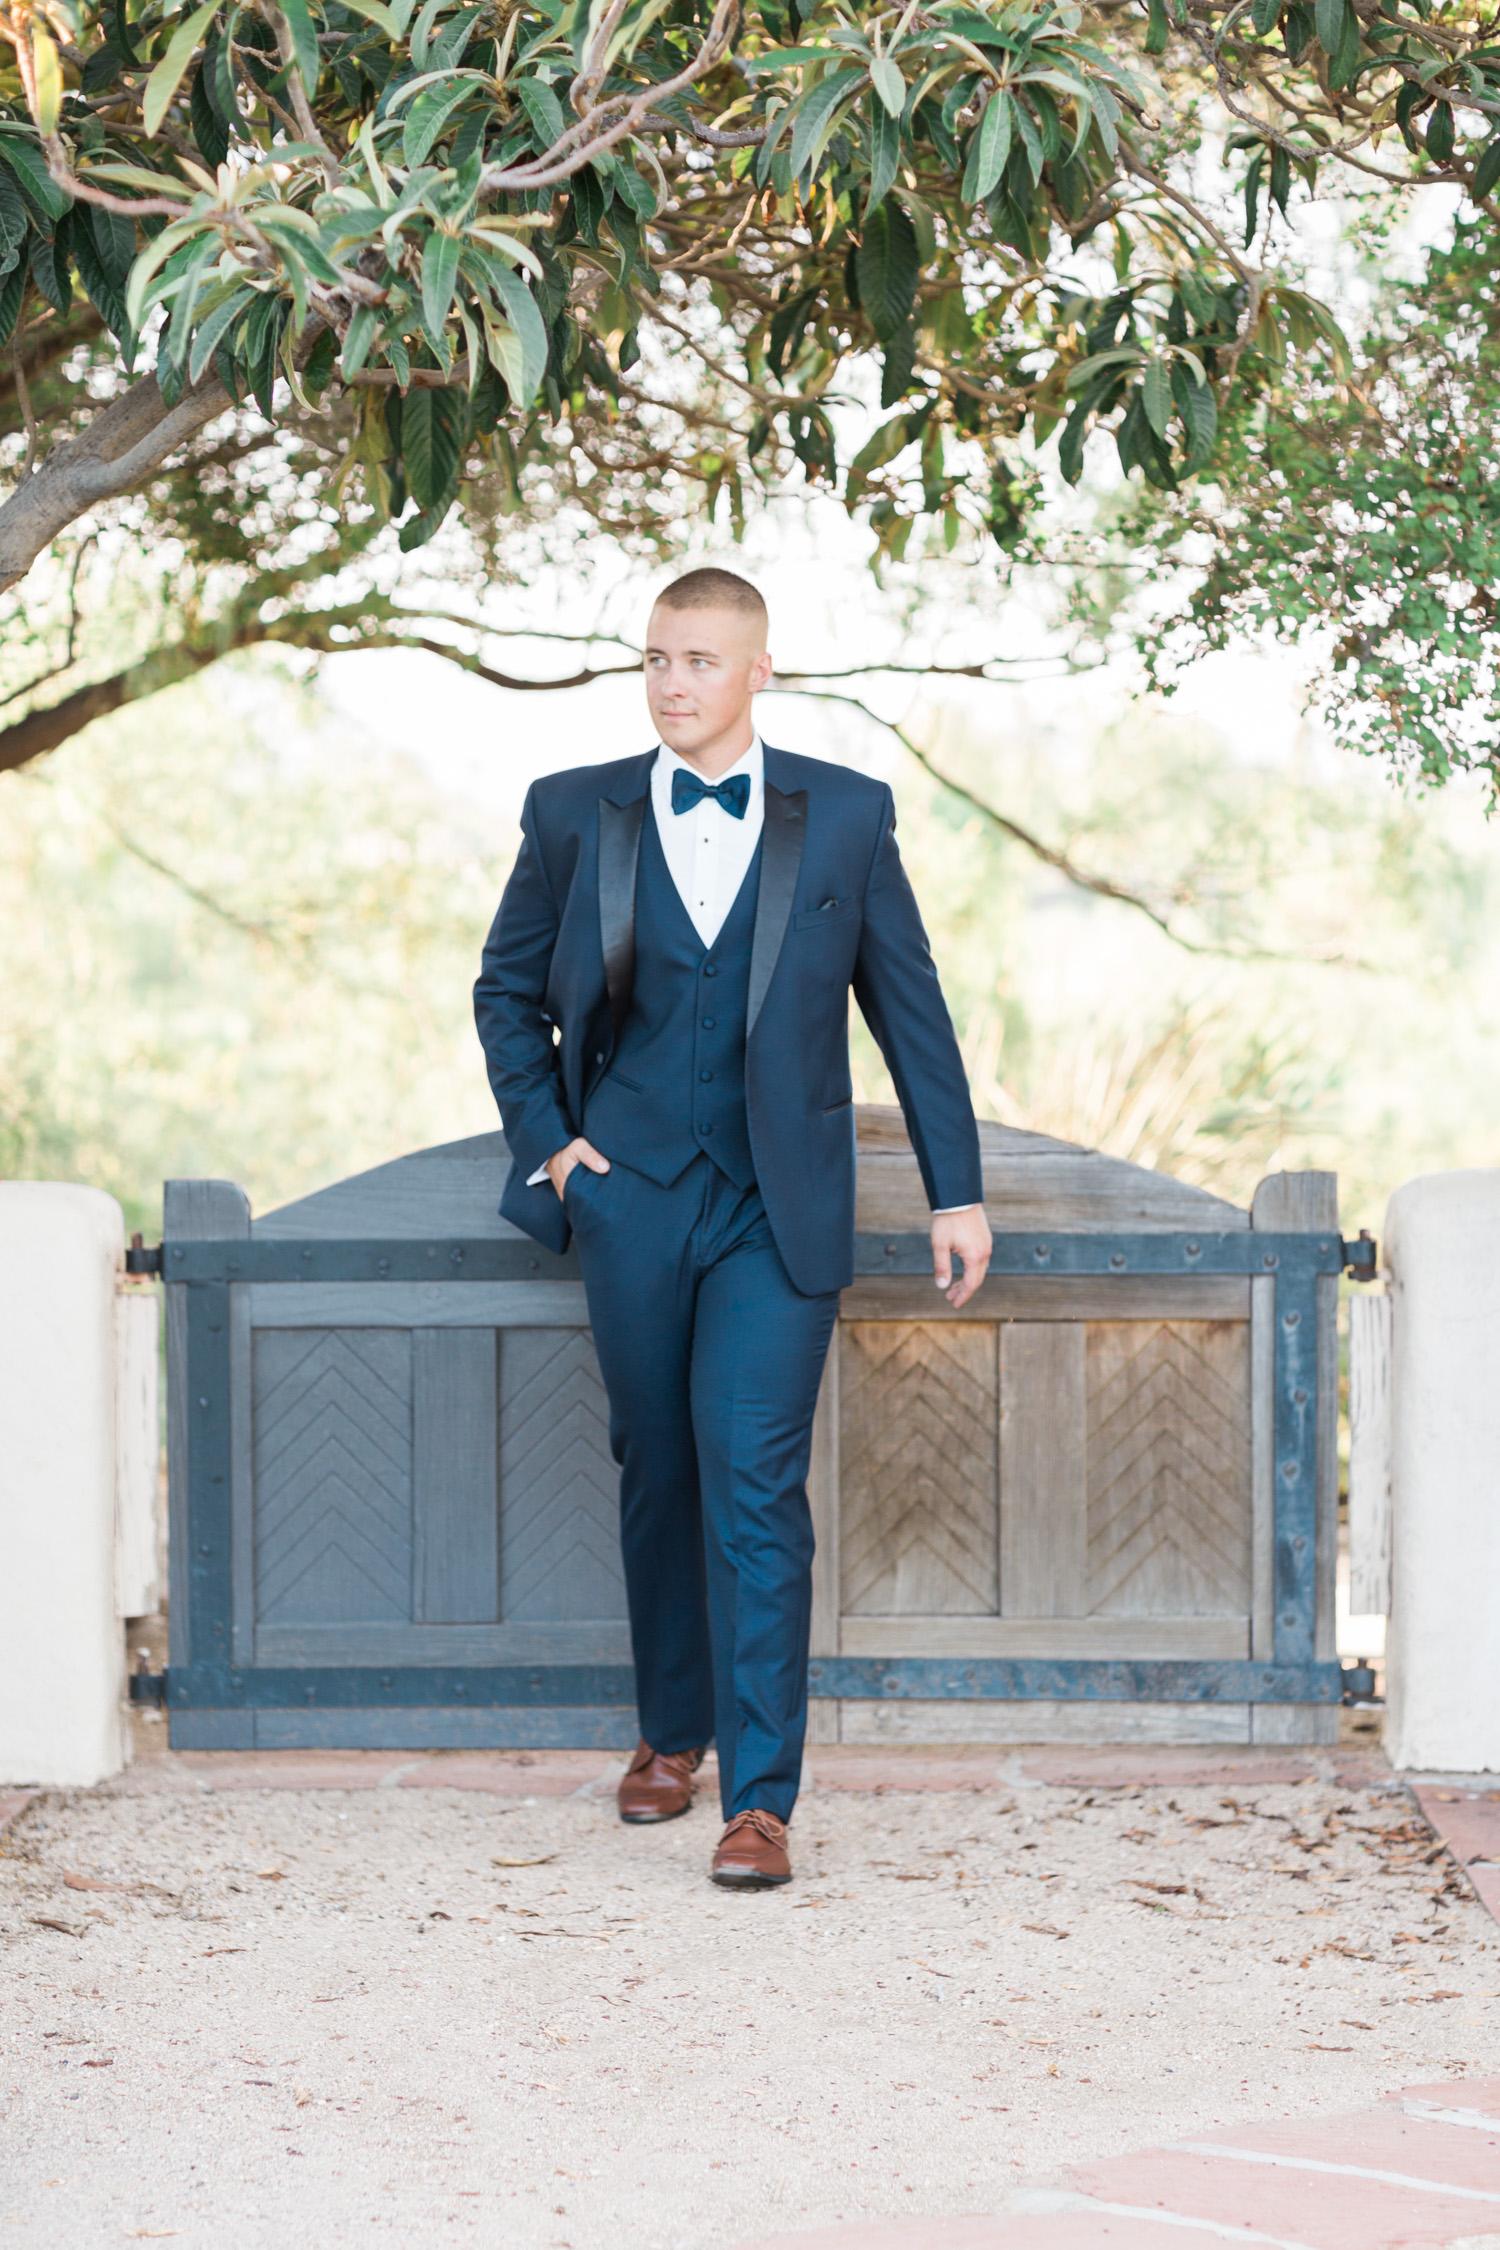 Handsome groom in a navy tux walking